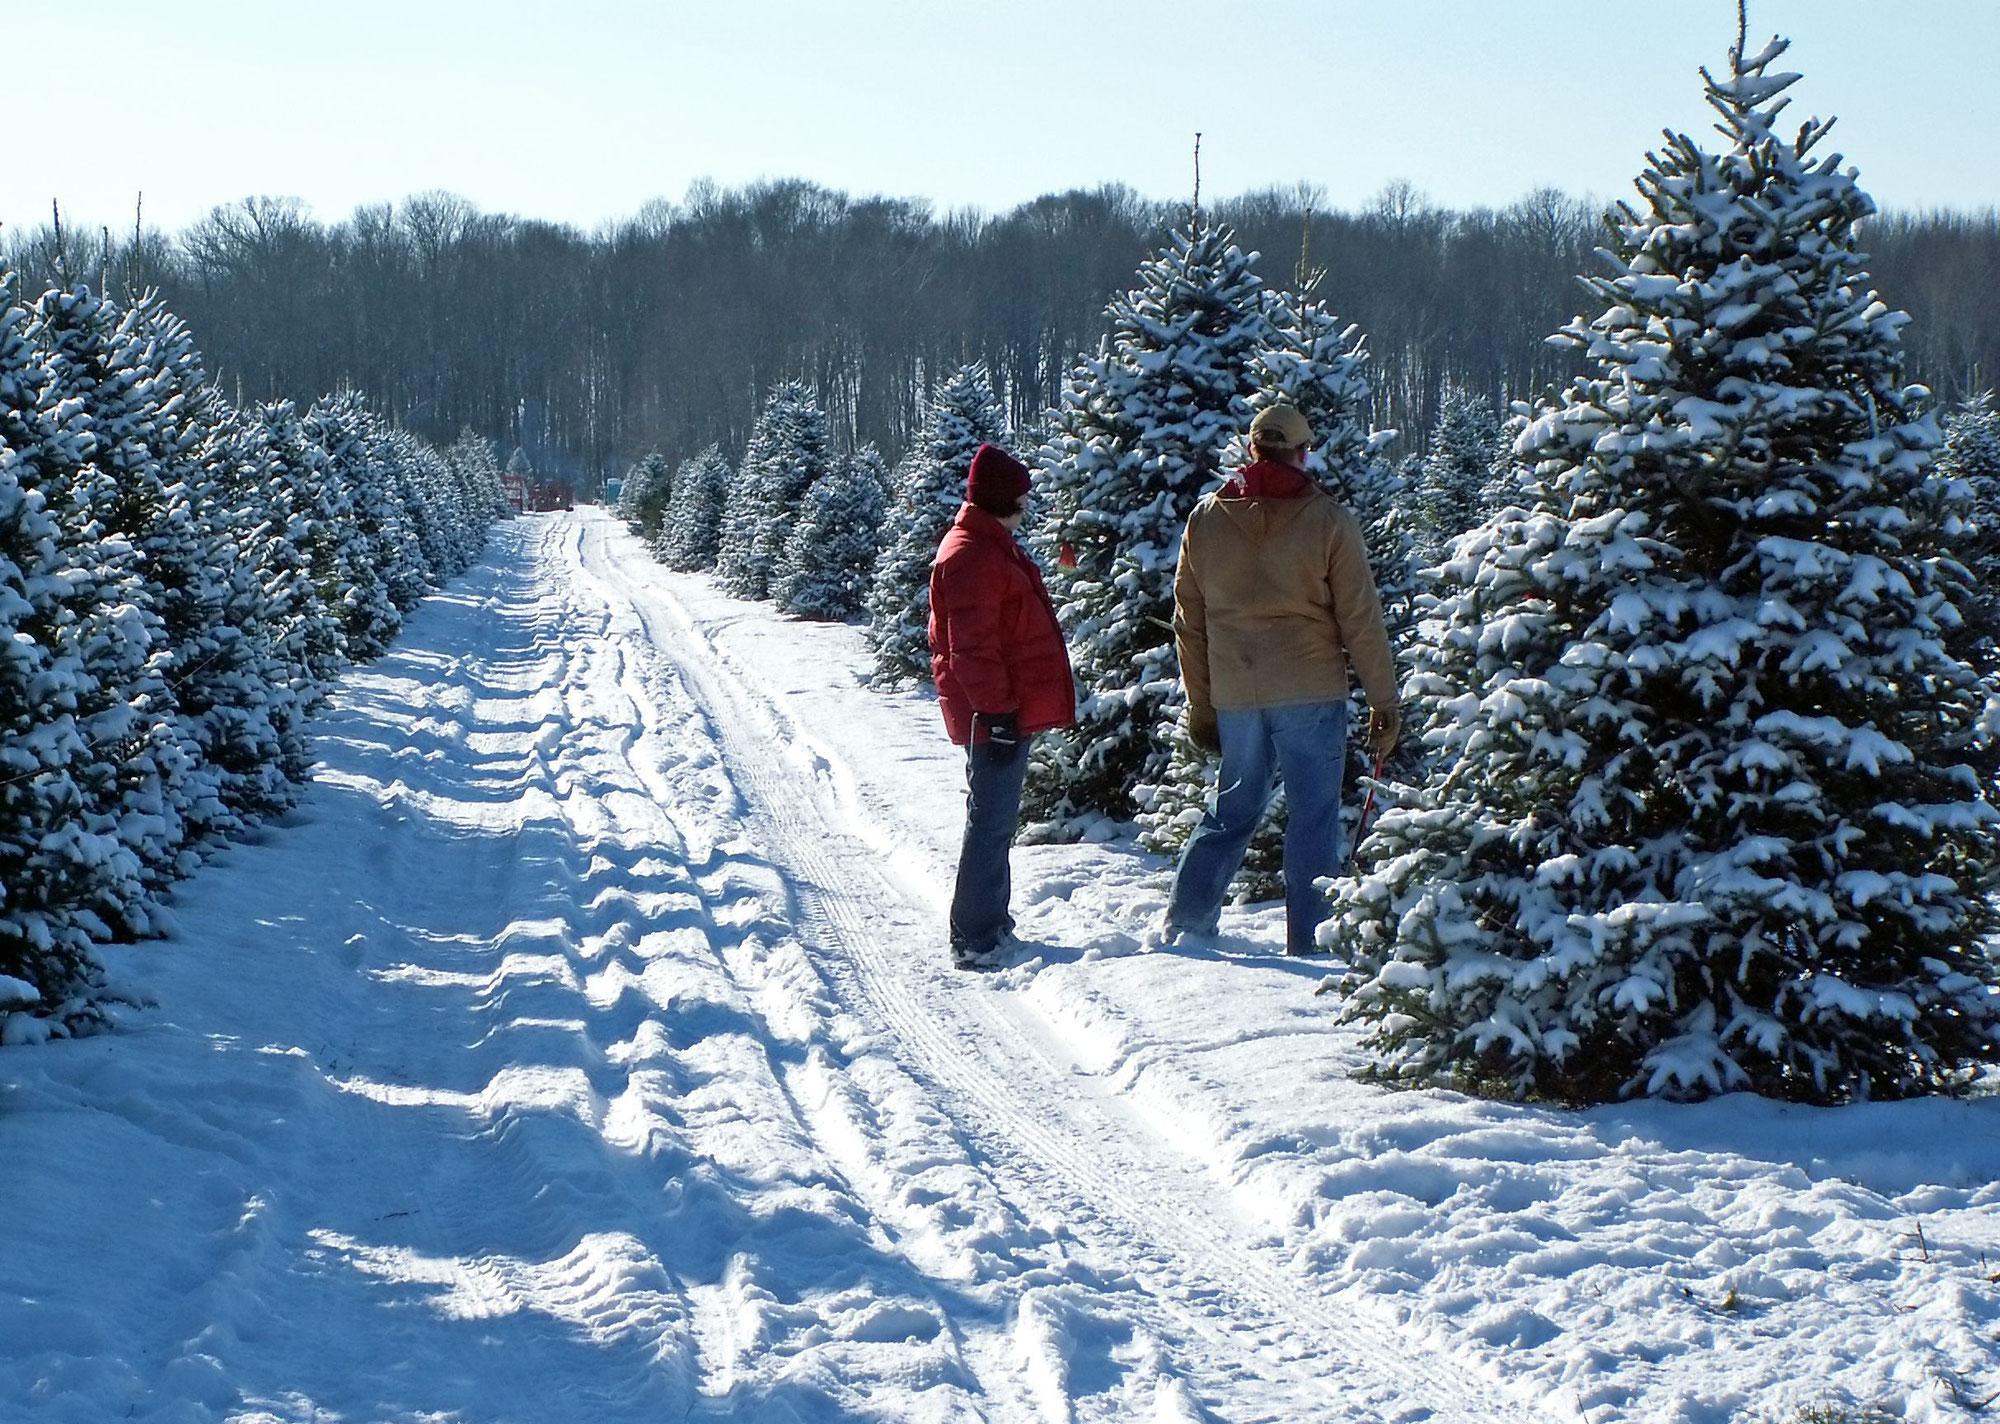 Weihnachtsbaum online bestellen tannenbaum kaufen mit lieferservice weihnachtsbaum kaufen - Weihnachtsbaum kaufen hamburg ...